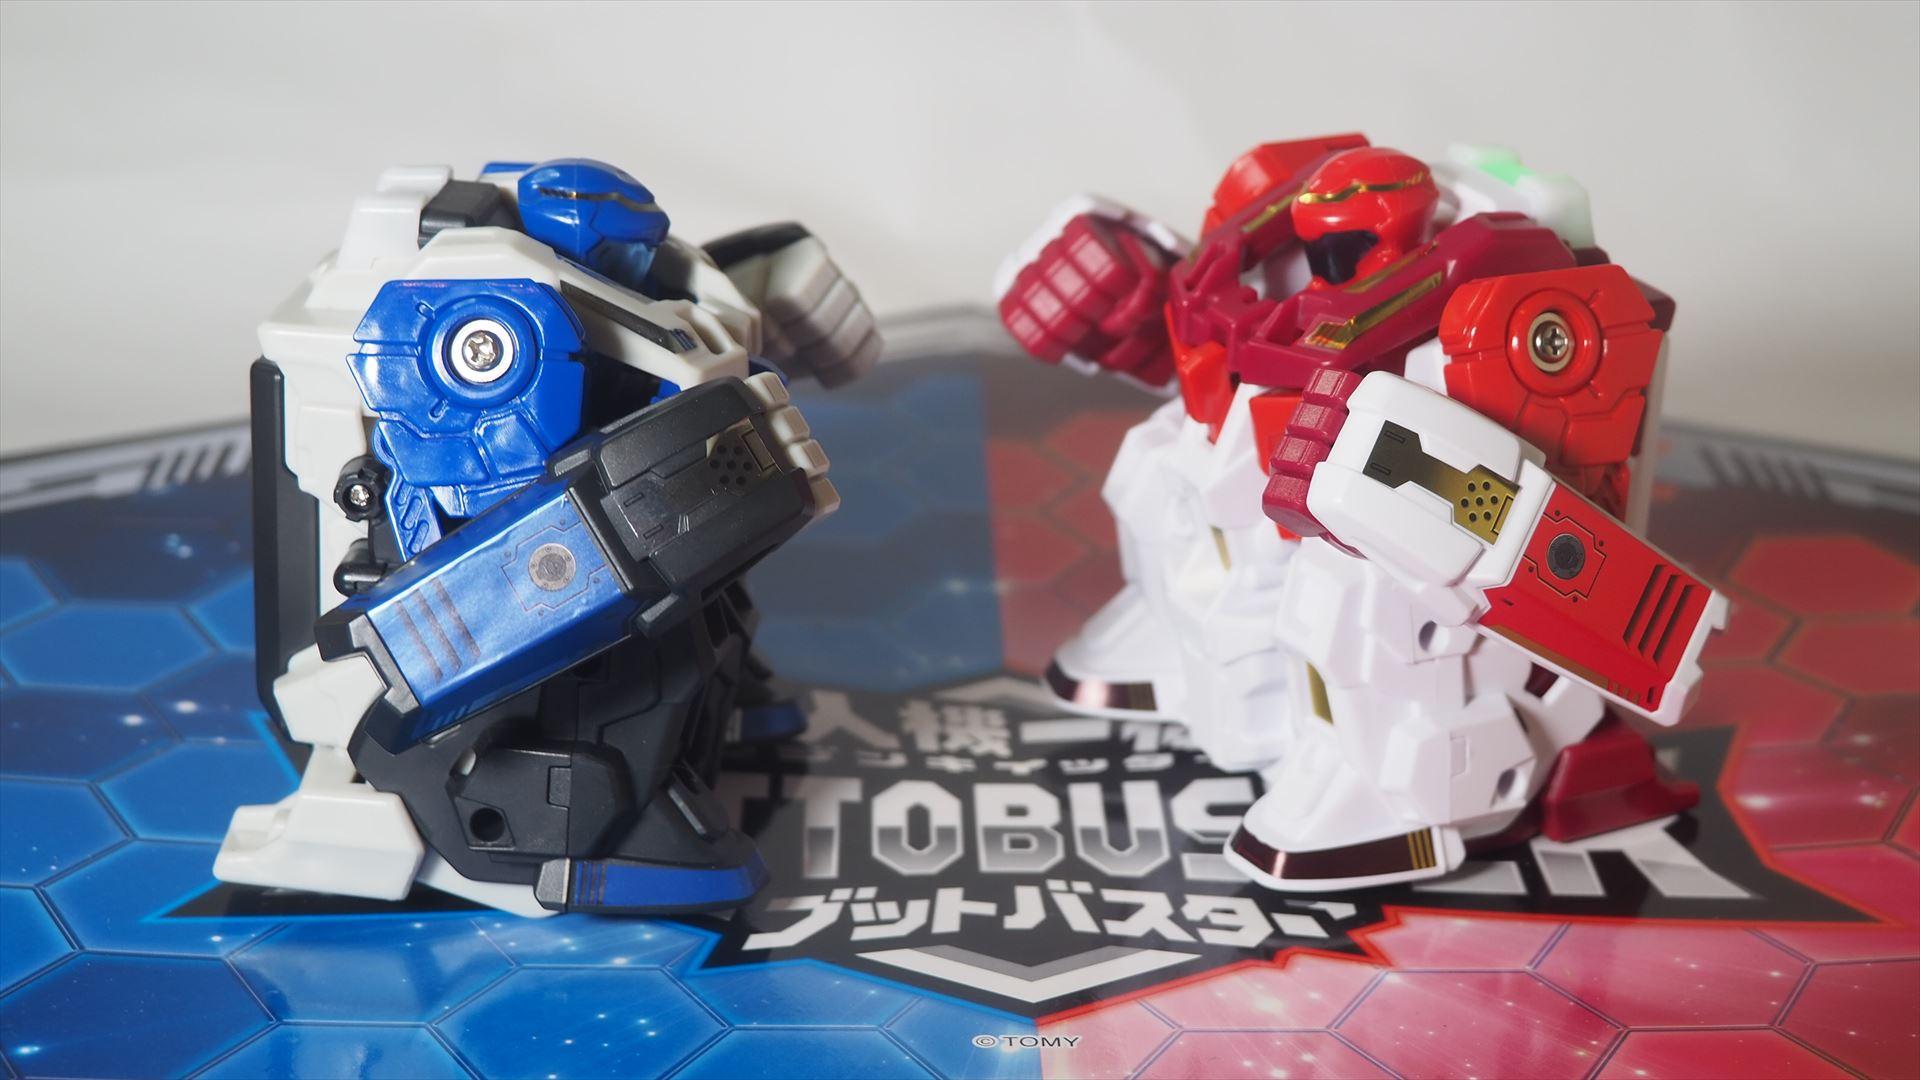 ロボットが腕を振るって激しく戦う!